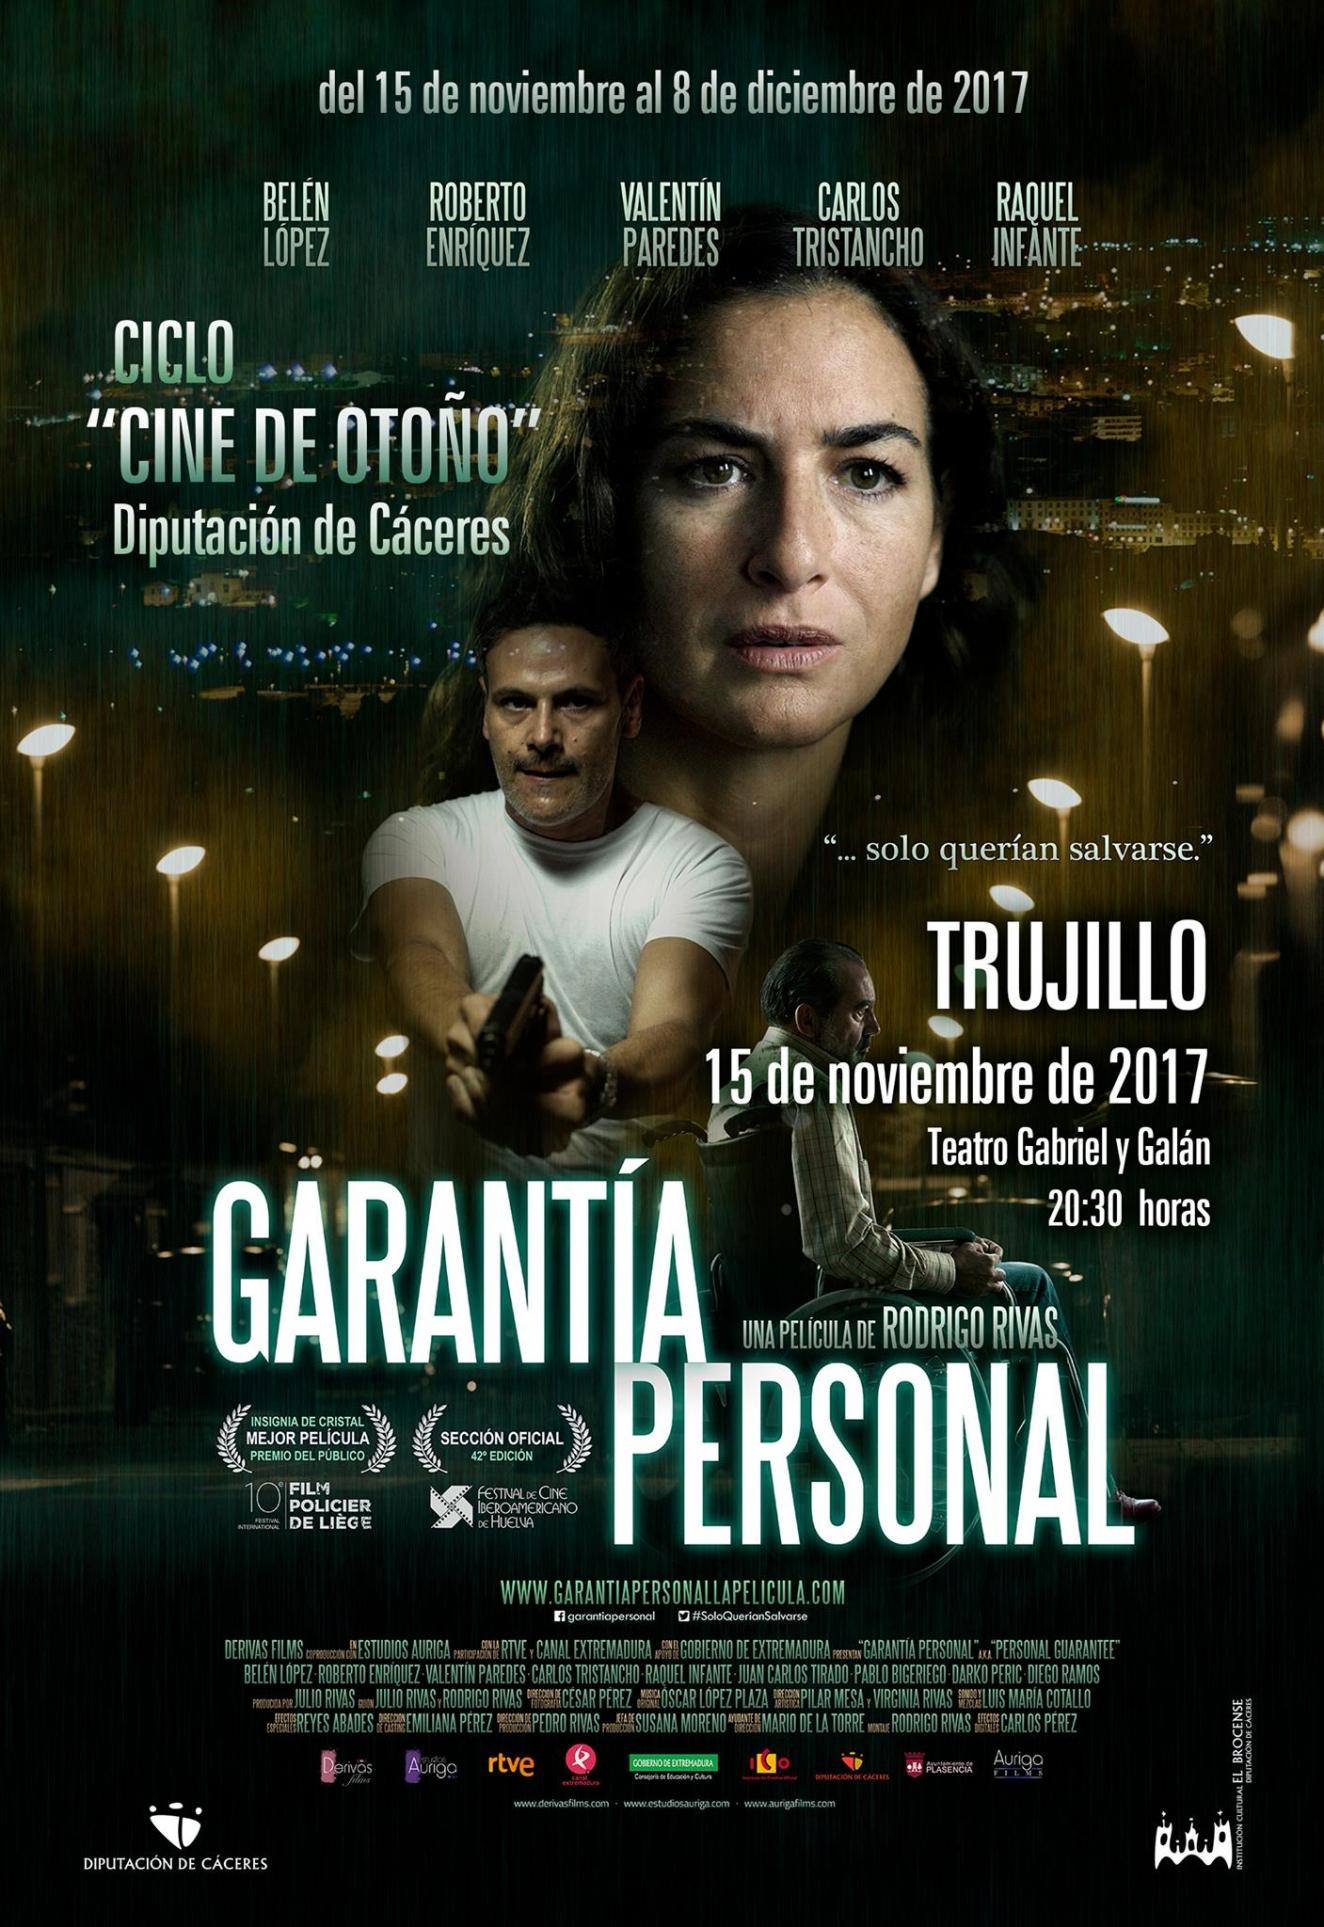 Proyección GARANTIA PERSONAL (Rodrigo Rivas, España)